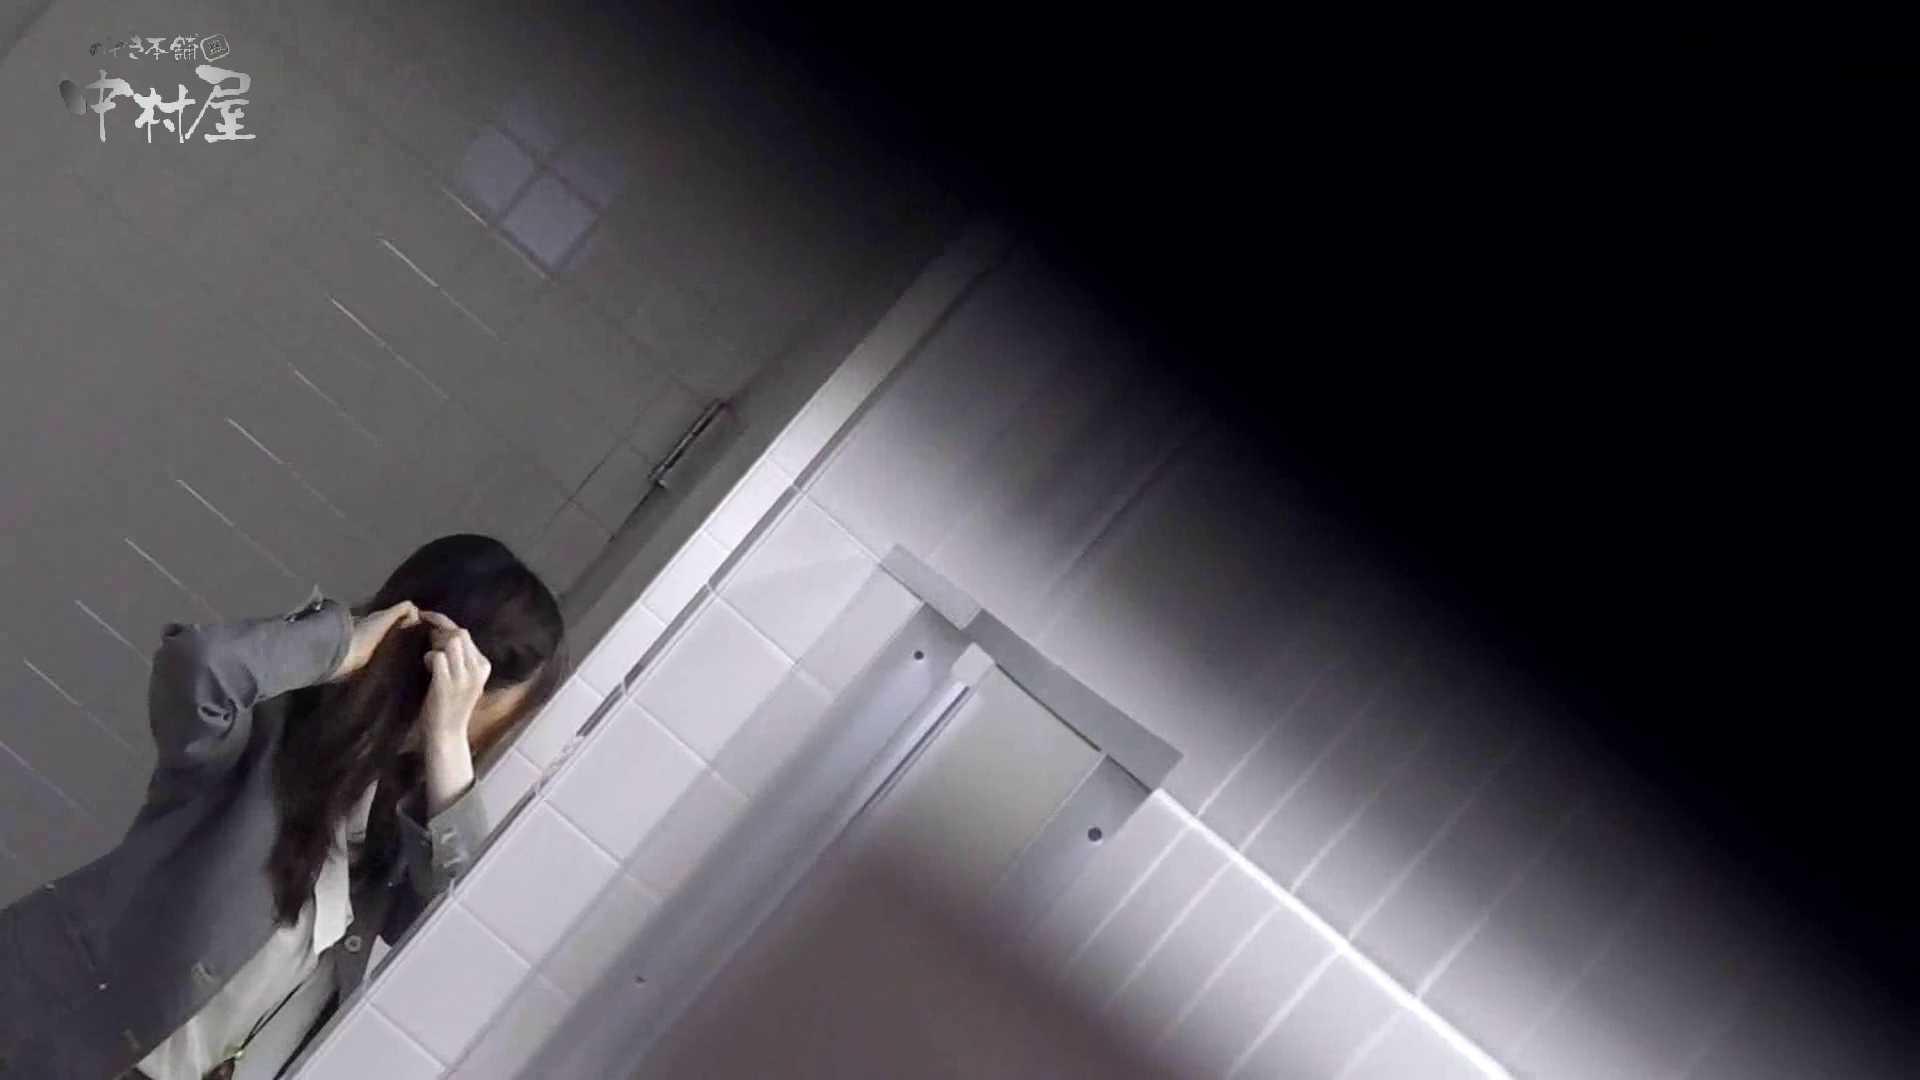 洗面所突入レポート!!vol.7 美女丸裸 オメコ動画キャプチャ 103pic 56